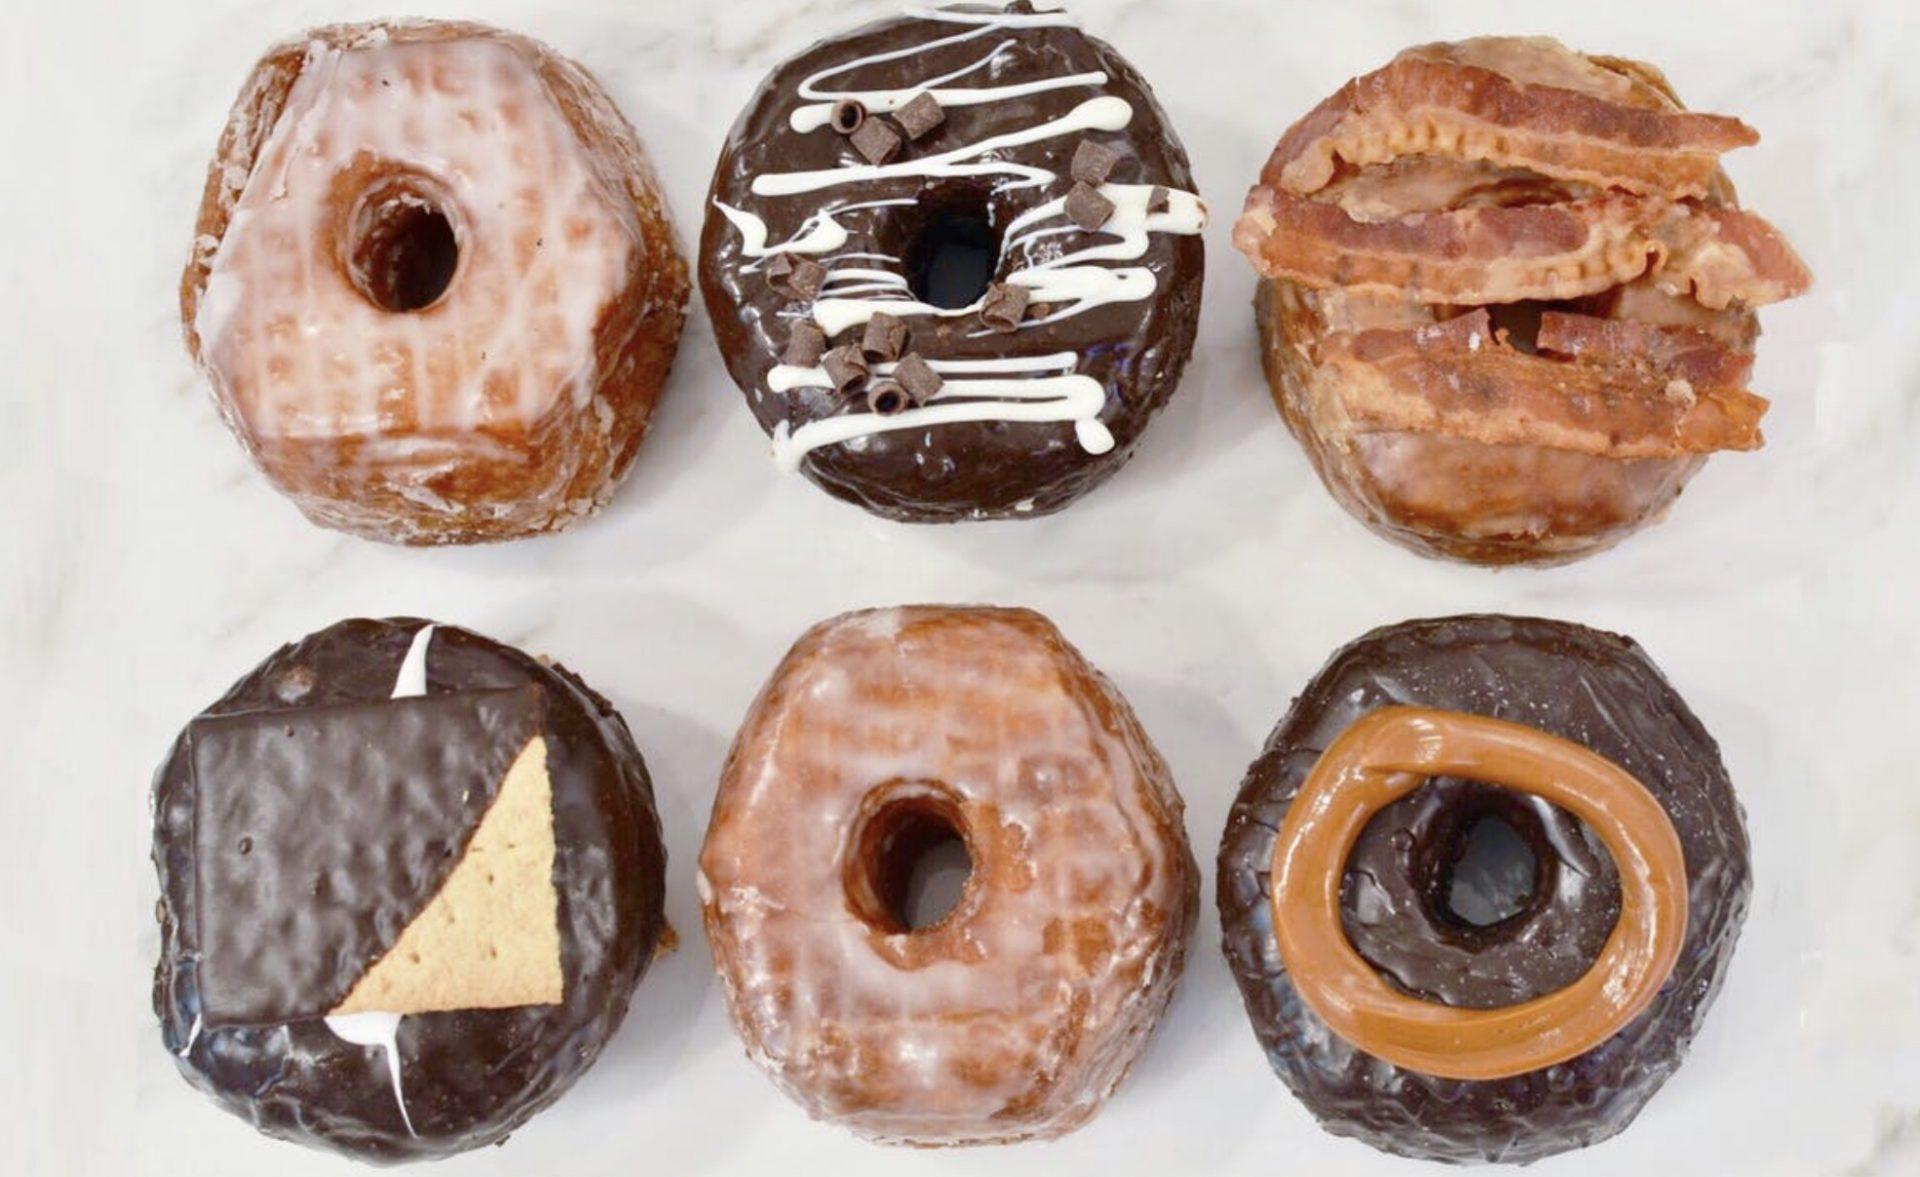 【クロワッサンドーナツ】老舗のこだわり店 ドーナツ・パブ(The Donut Pub)初めてのメープル・ベーコン